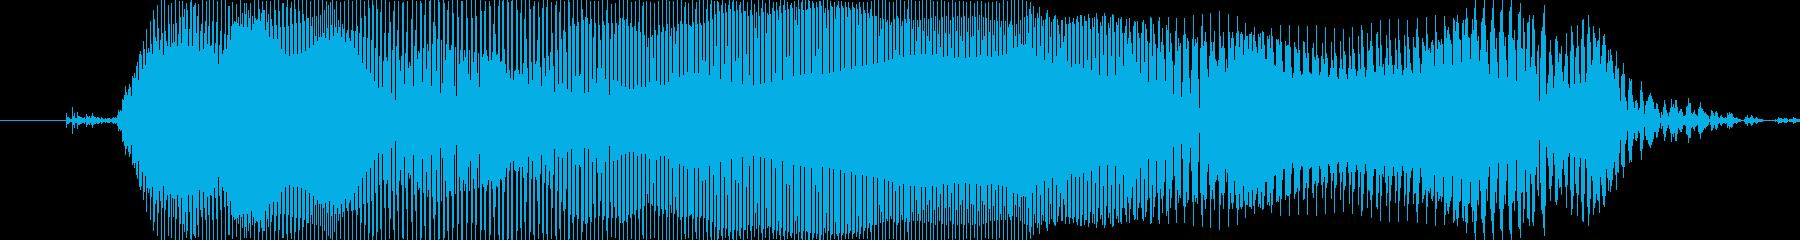 きゃーーっ!の再生済みの波形